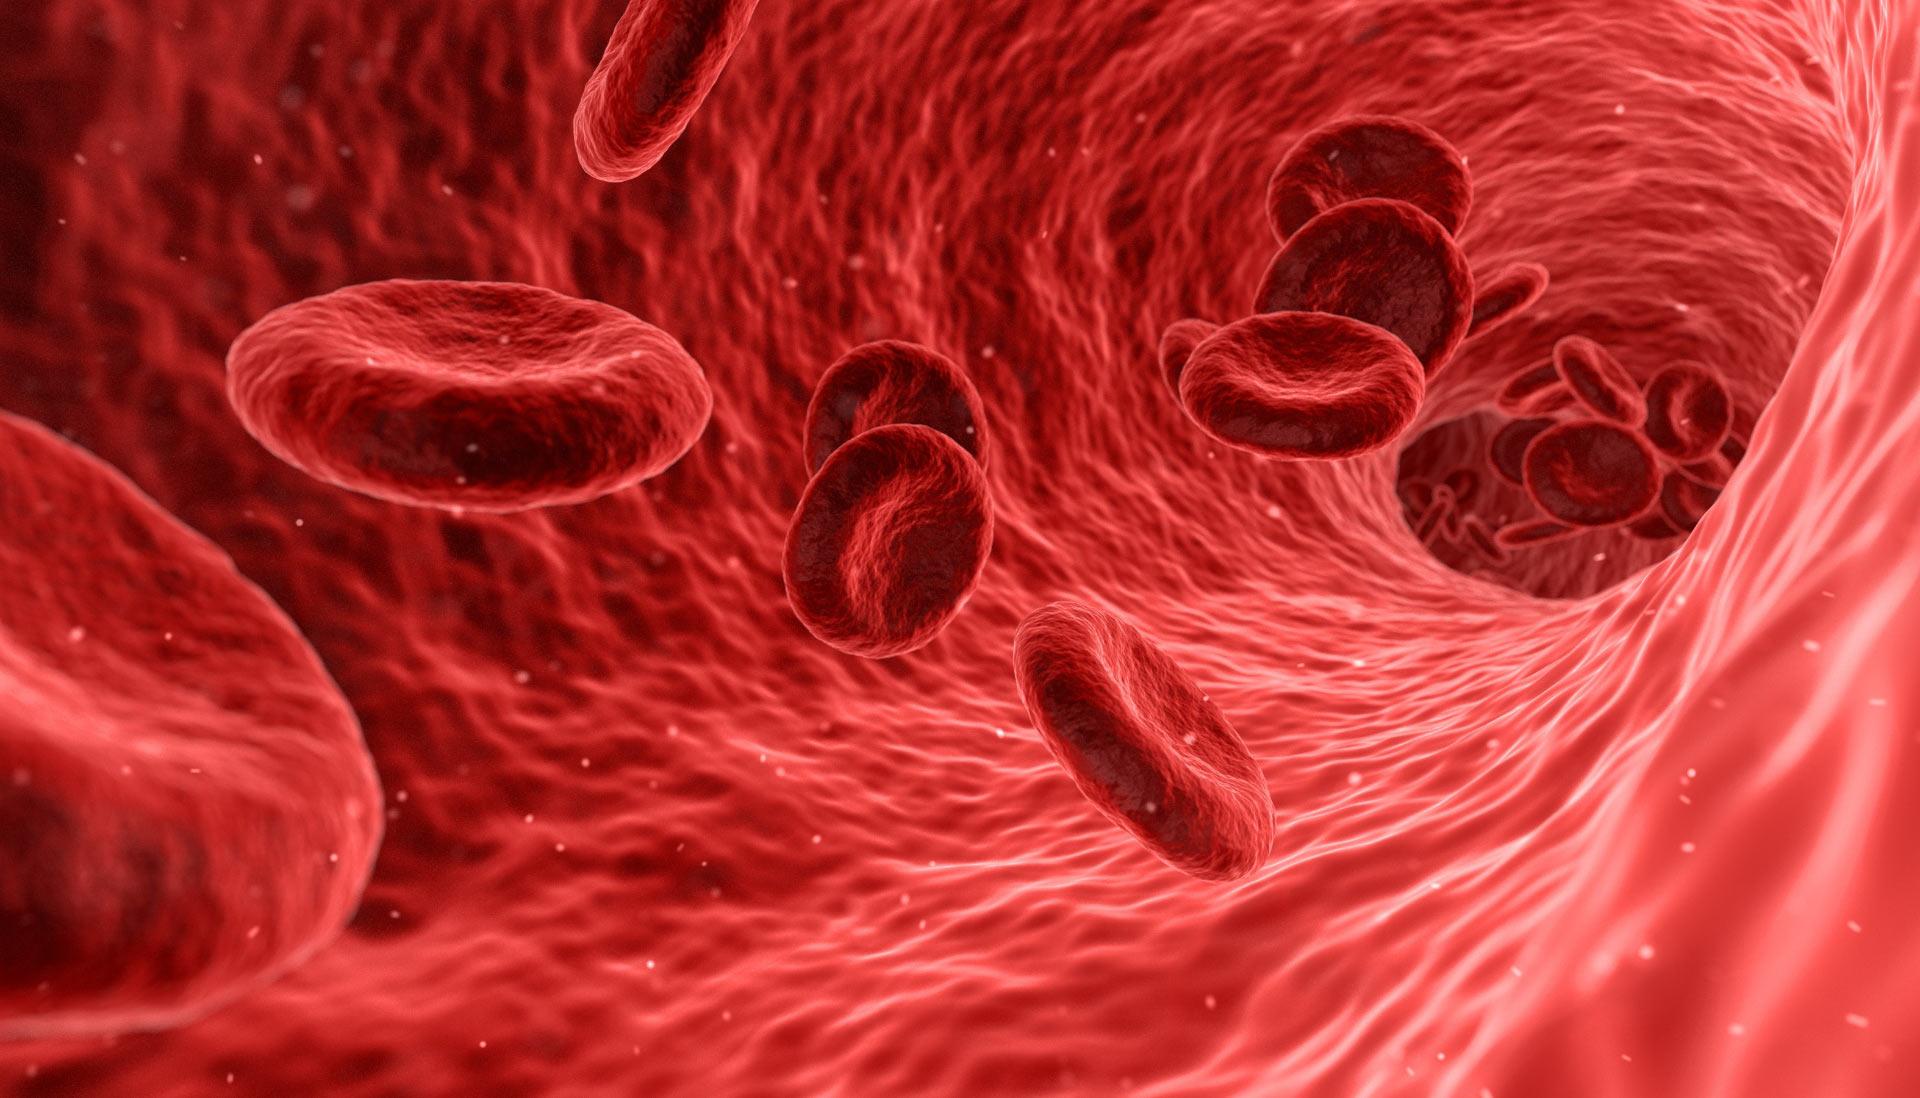 الأوعية الدموية المتولدة: الحليف الاستراتيجي للأورام السرطانية